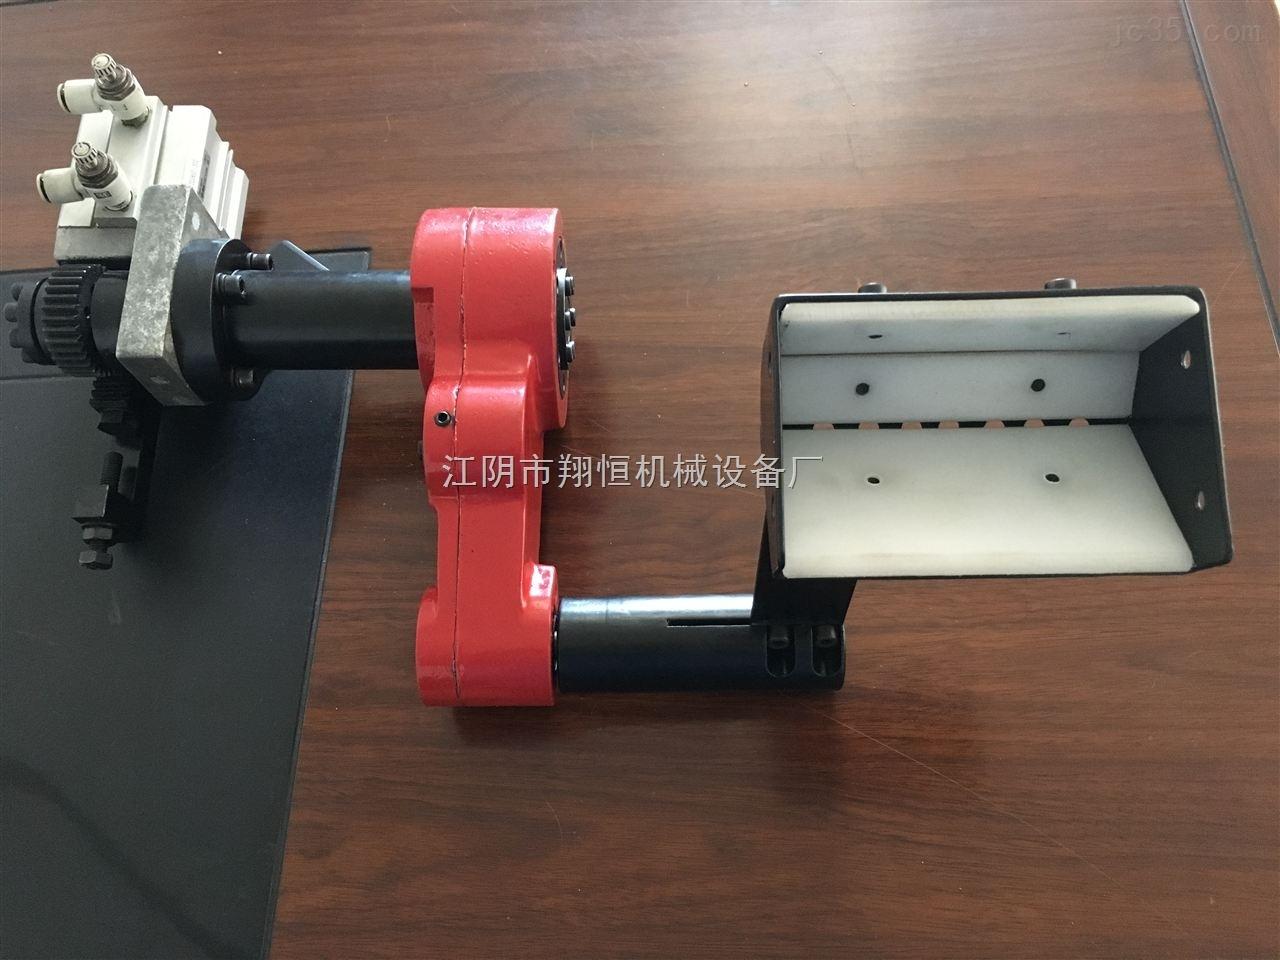 韩国斗山系列数控车床全自动接料器 输送机